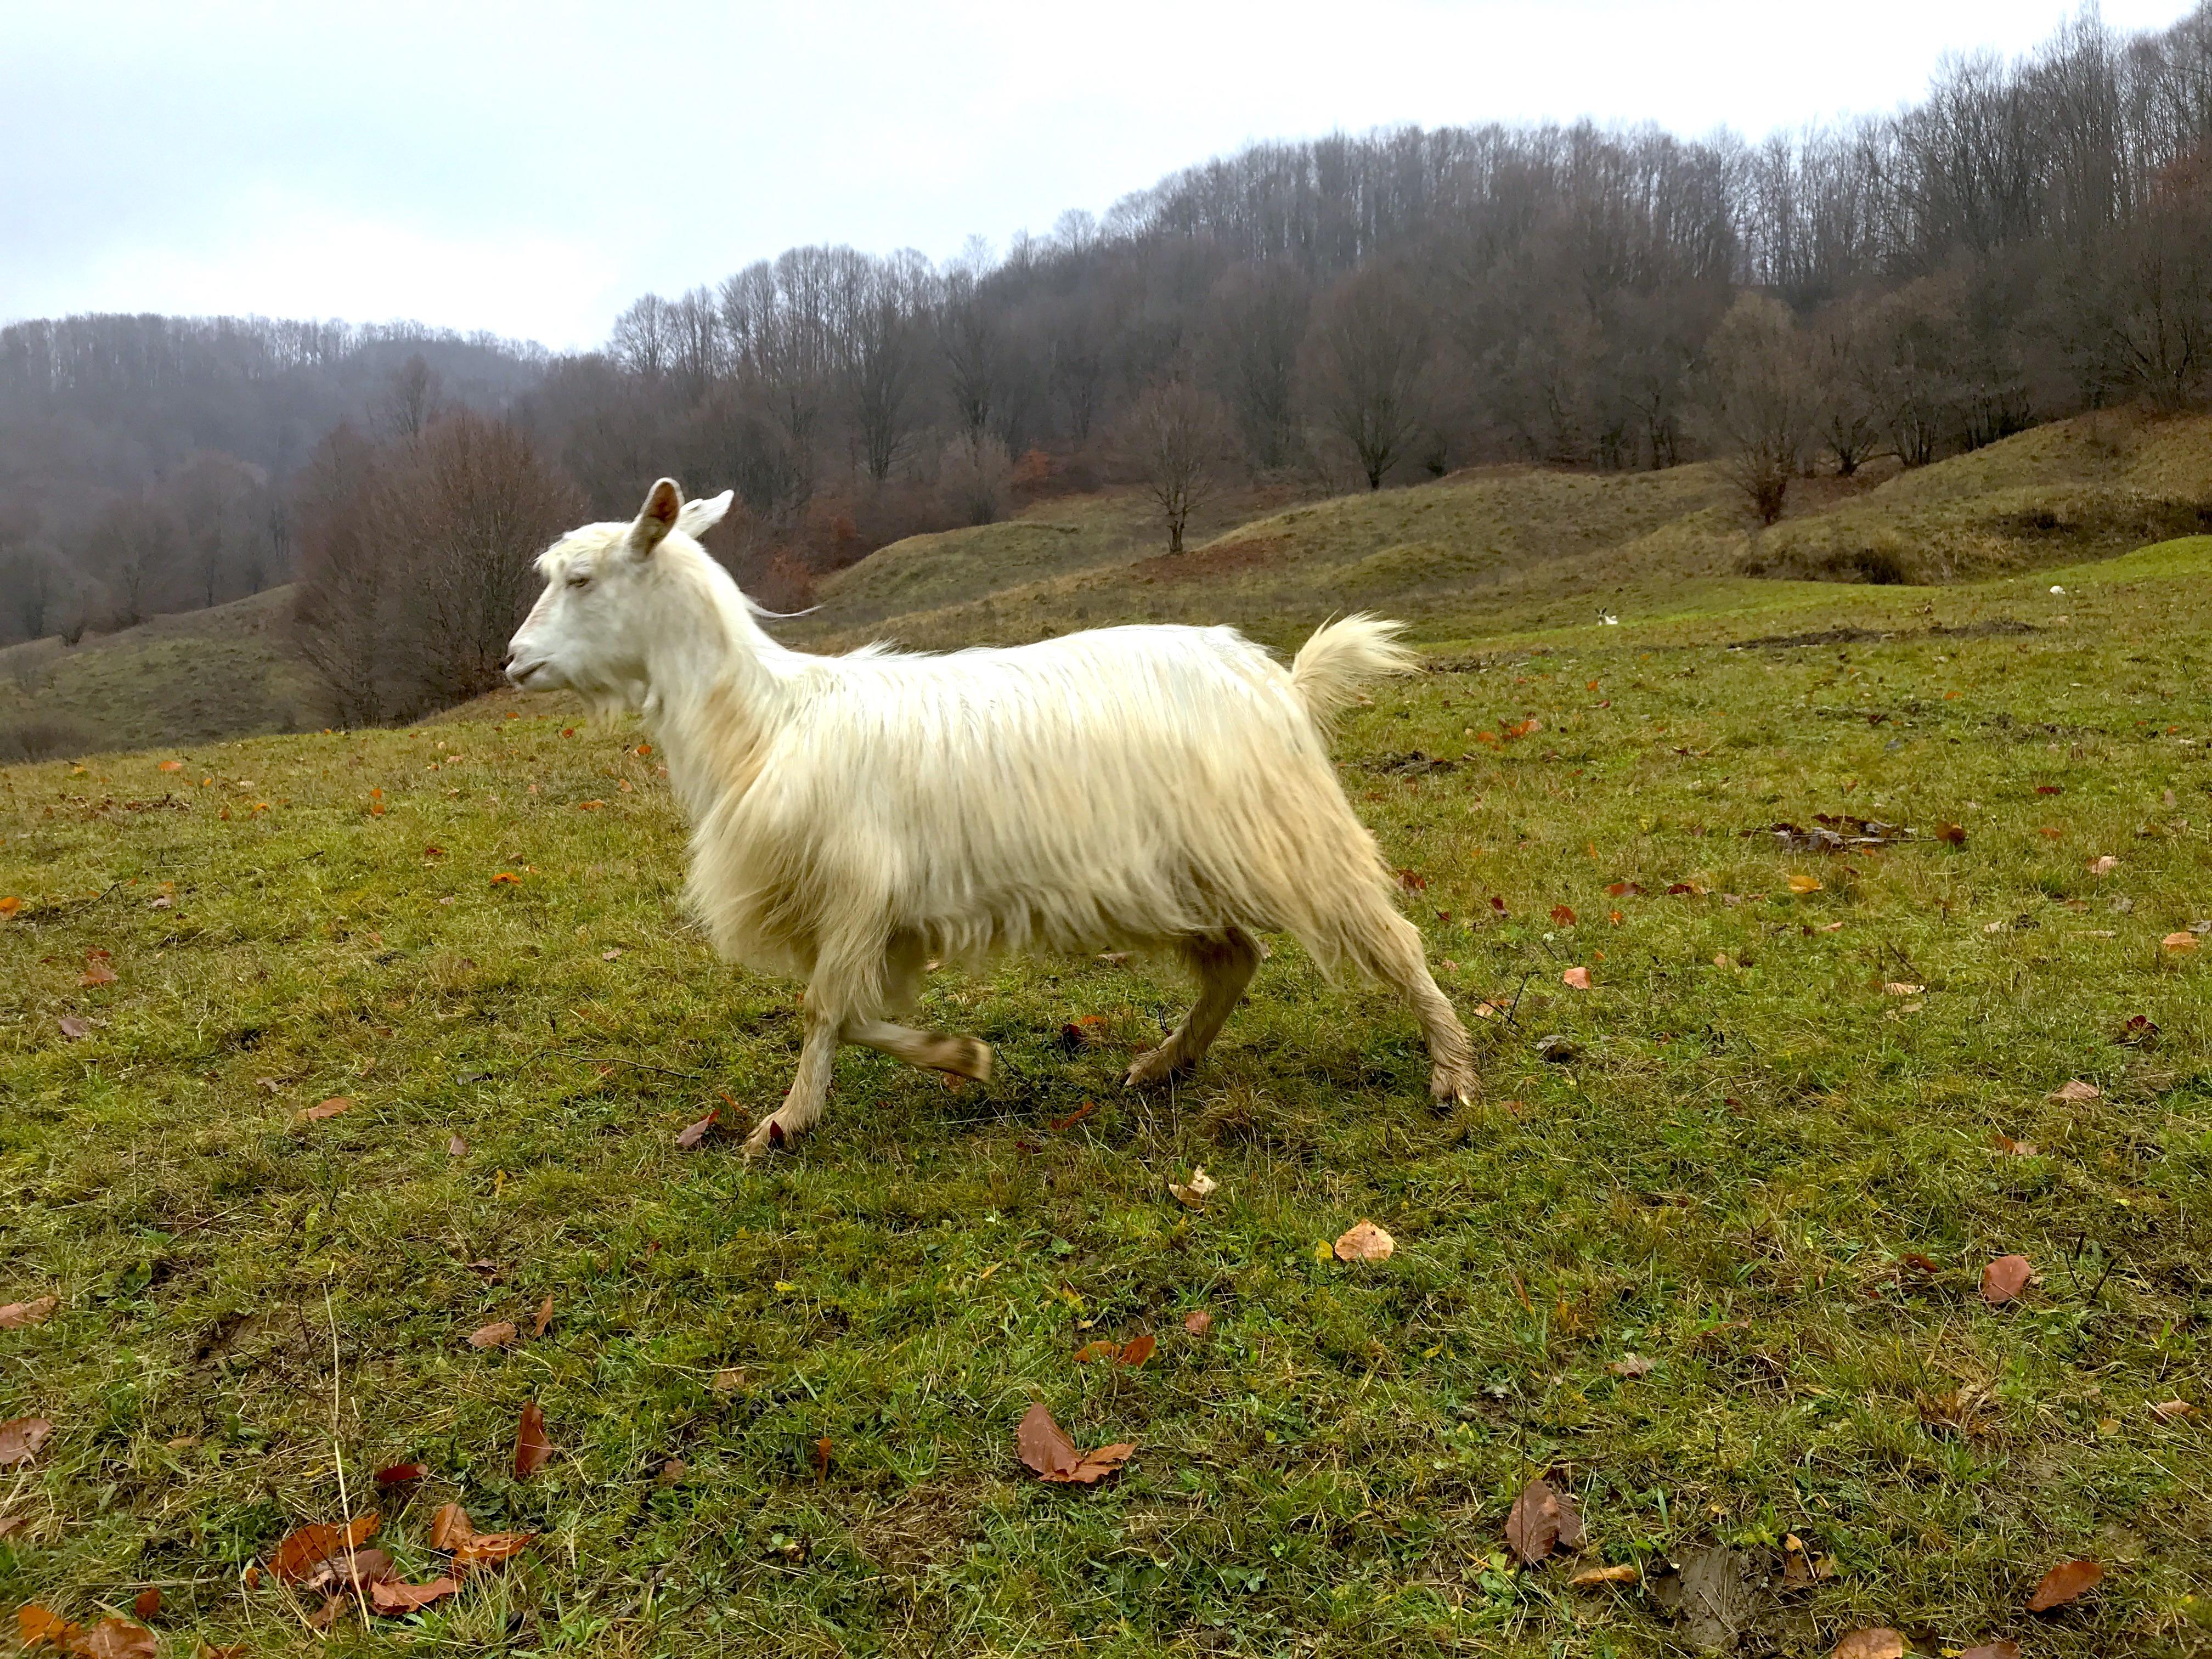 Goat running in Tara Lapusului, Romania